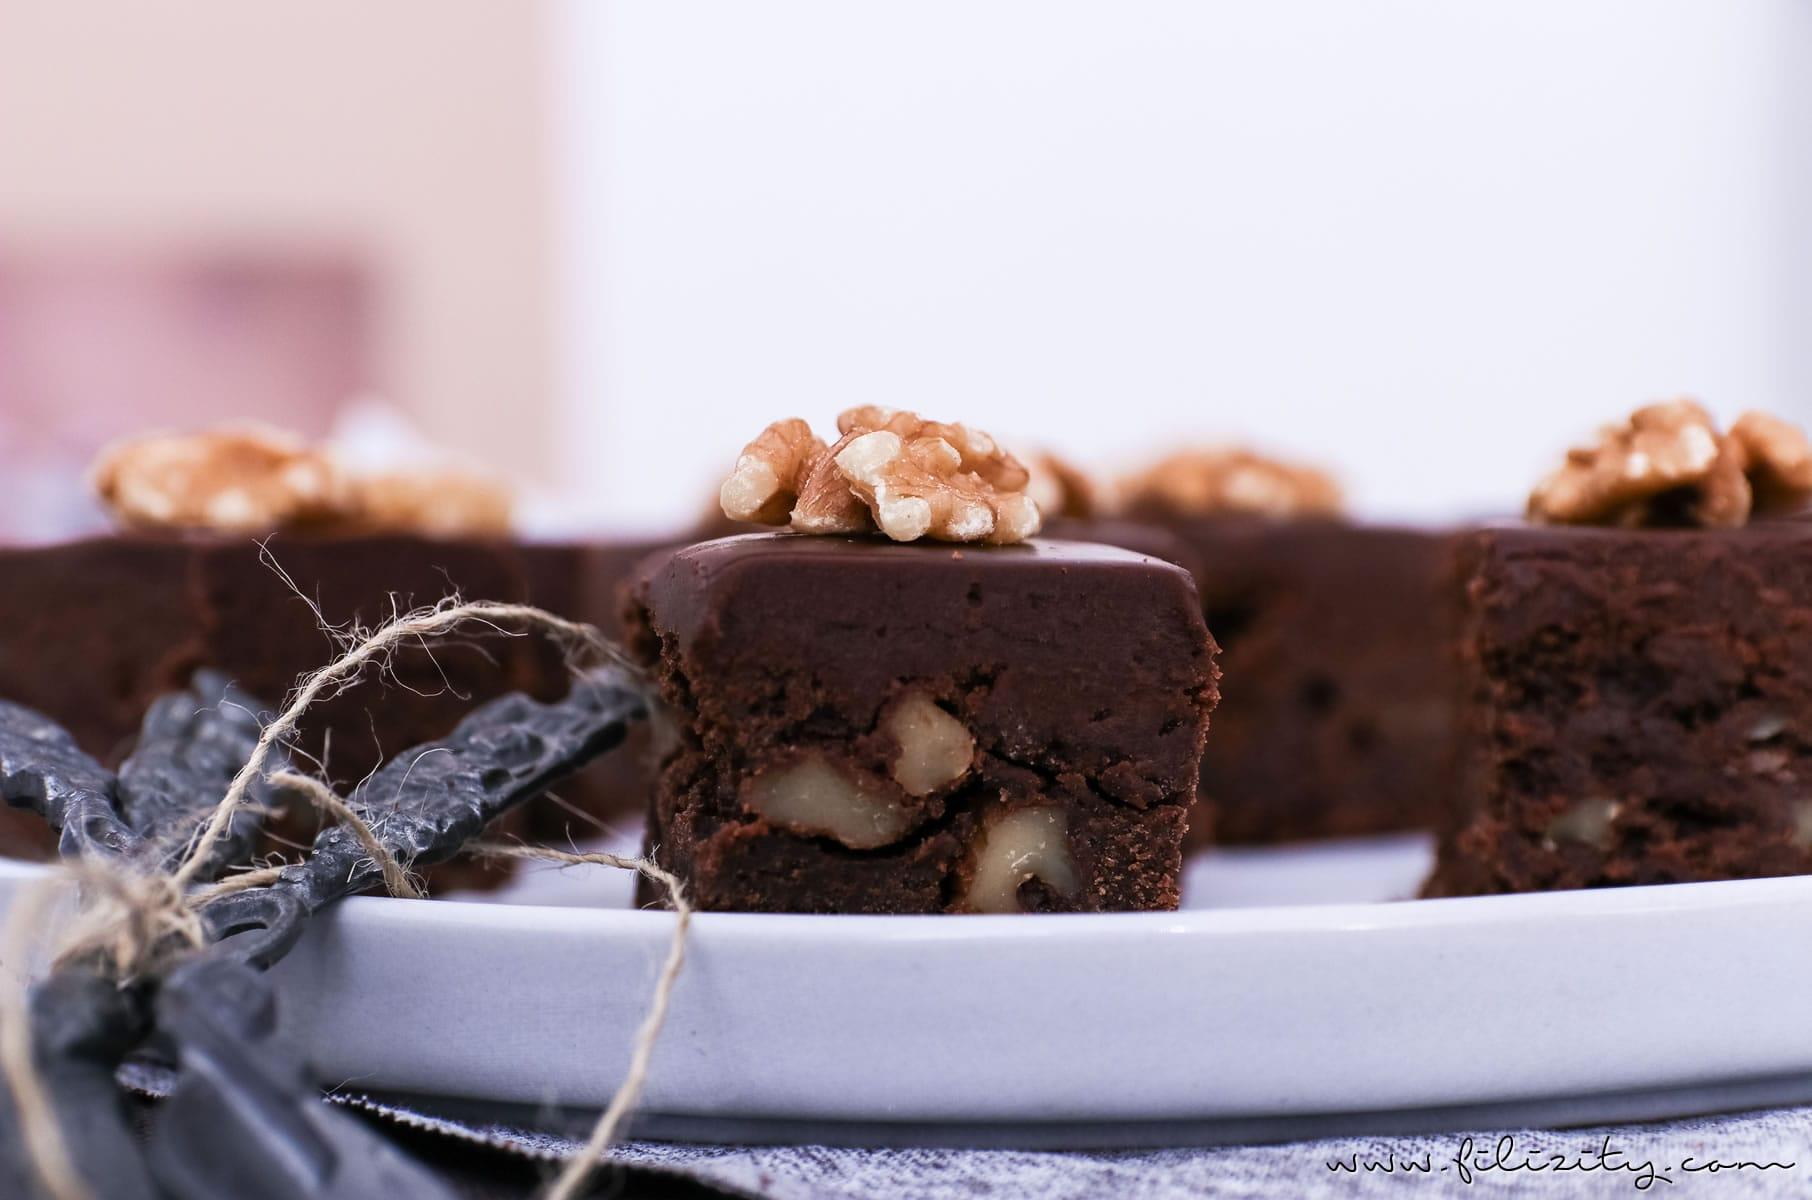 Brownies Rezept: Death by Chocolate! Die wohl schokoladigsten Brownies der Welt | Filizity.com | Food-Blog aus dem Rheinland #deathbychocolate #schokolade #kuchen #brownies